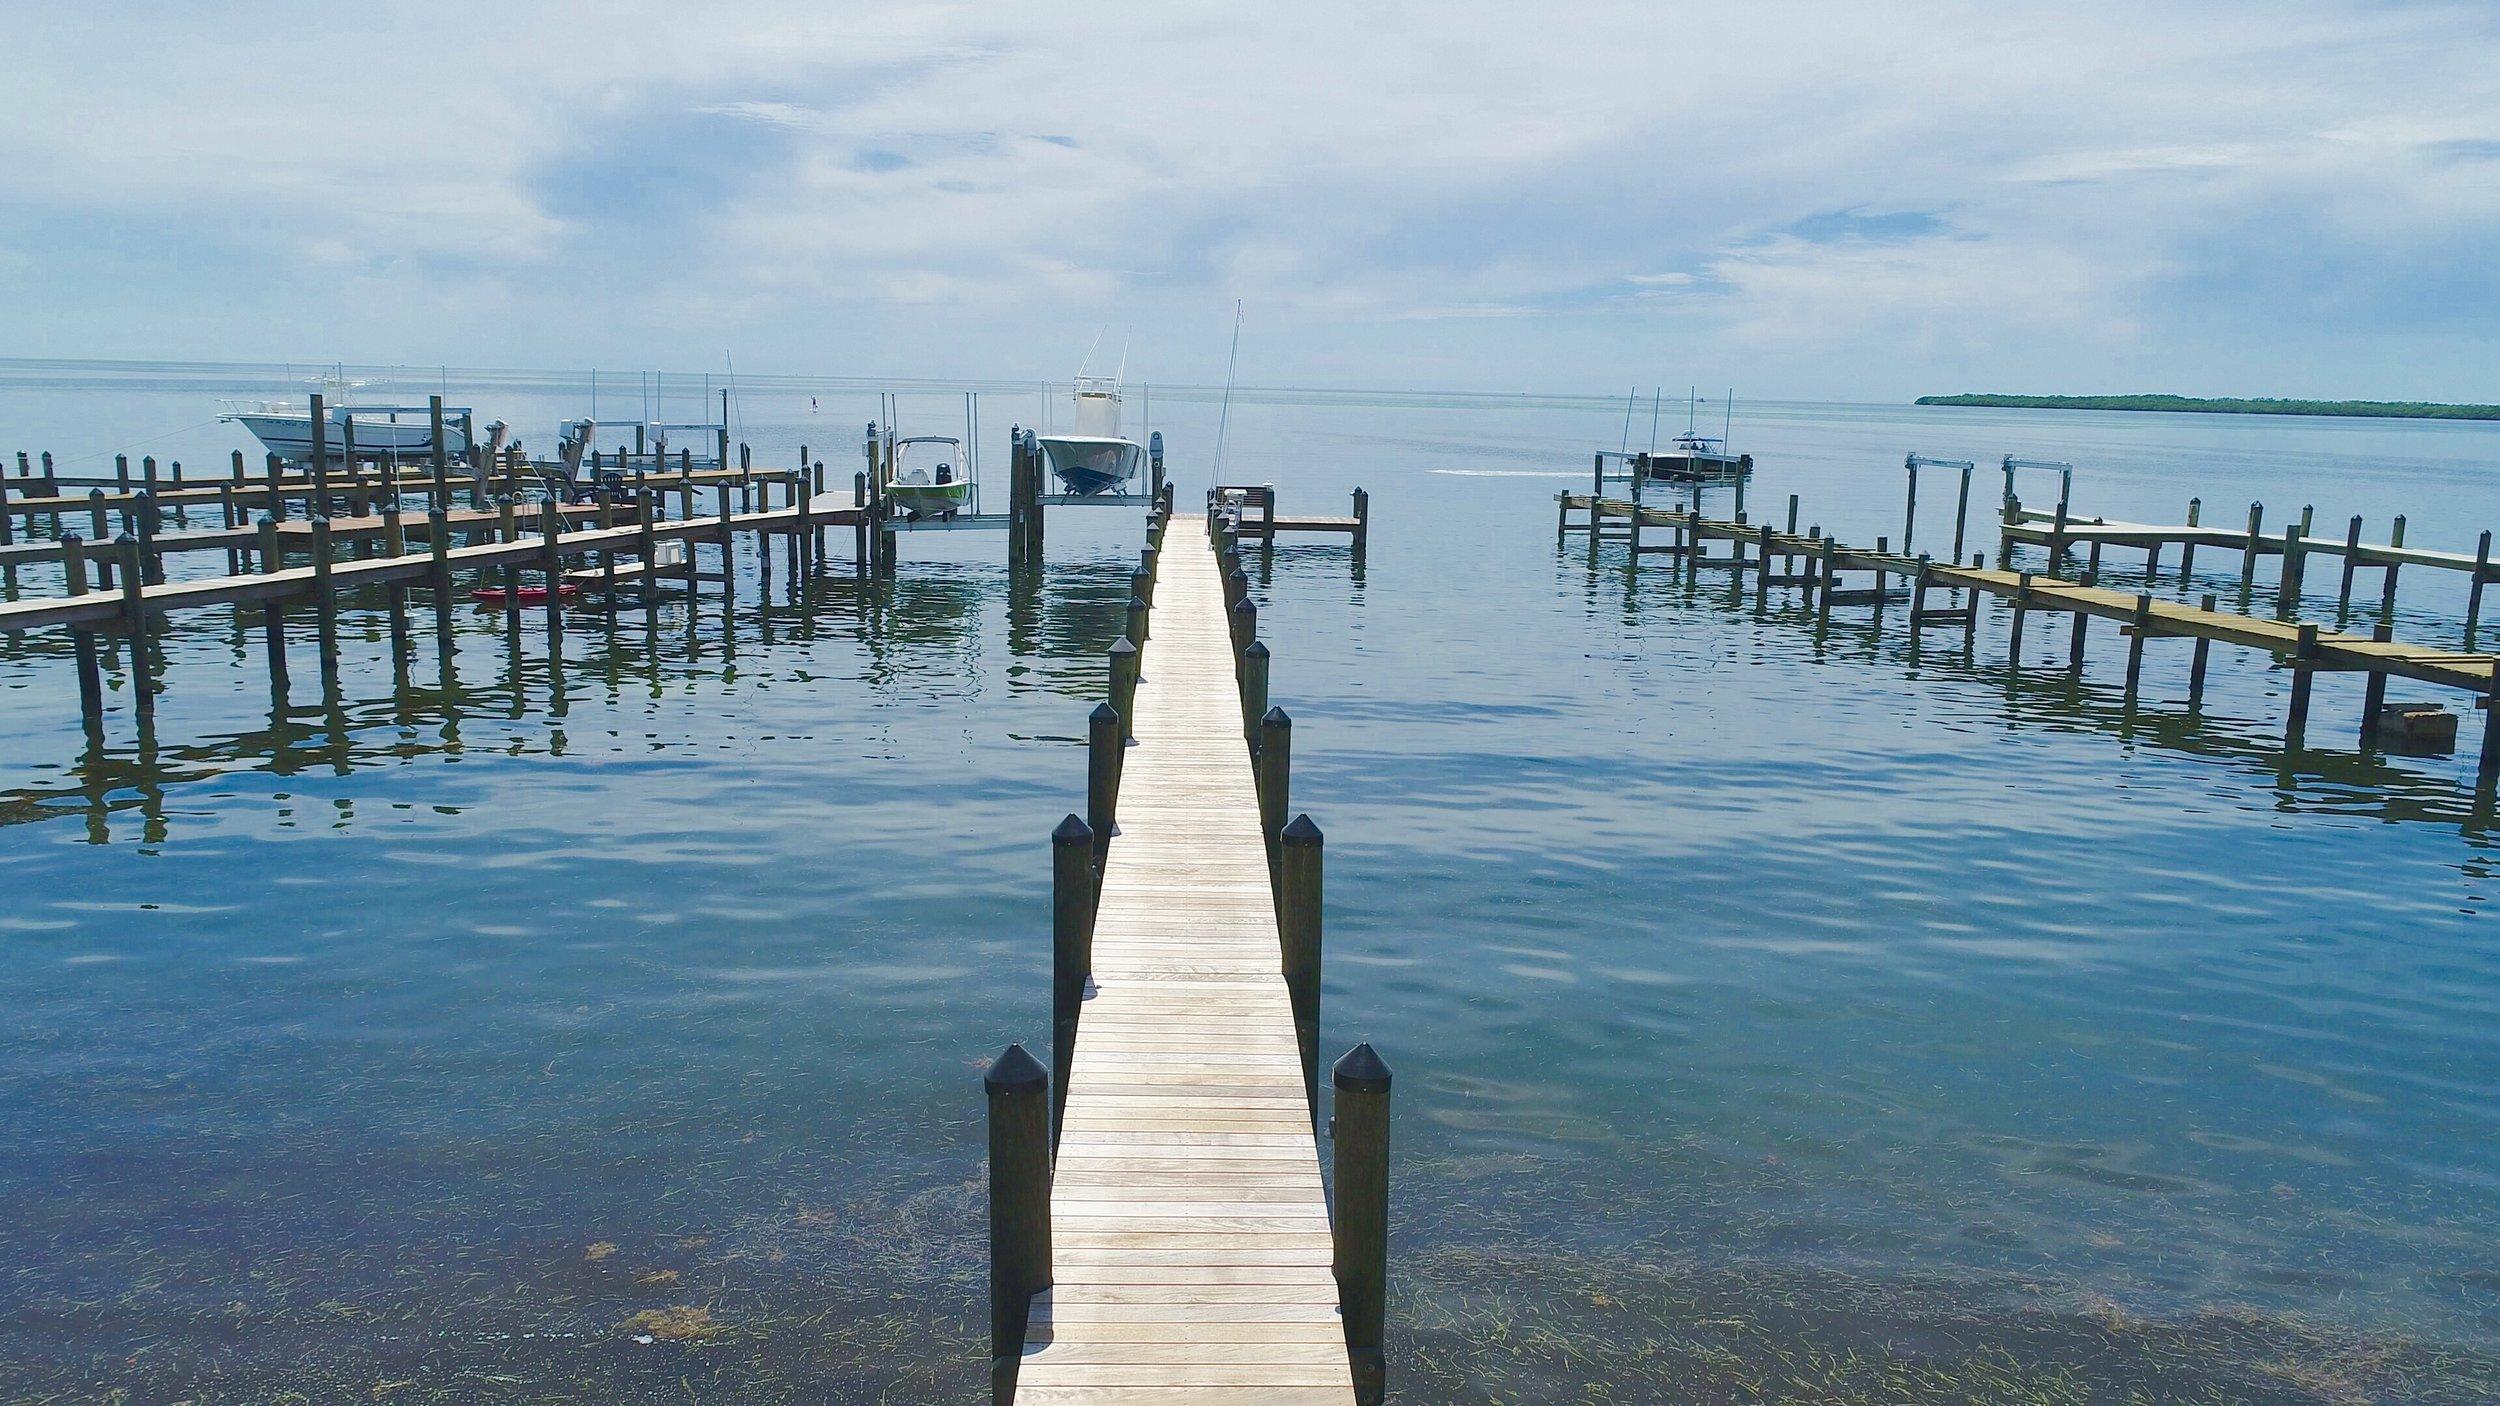 New wood dock in Islamorada, Florida